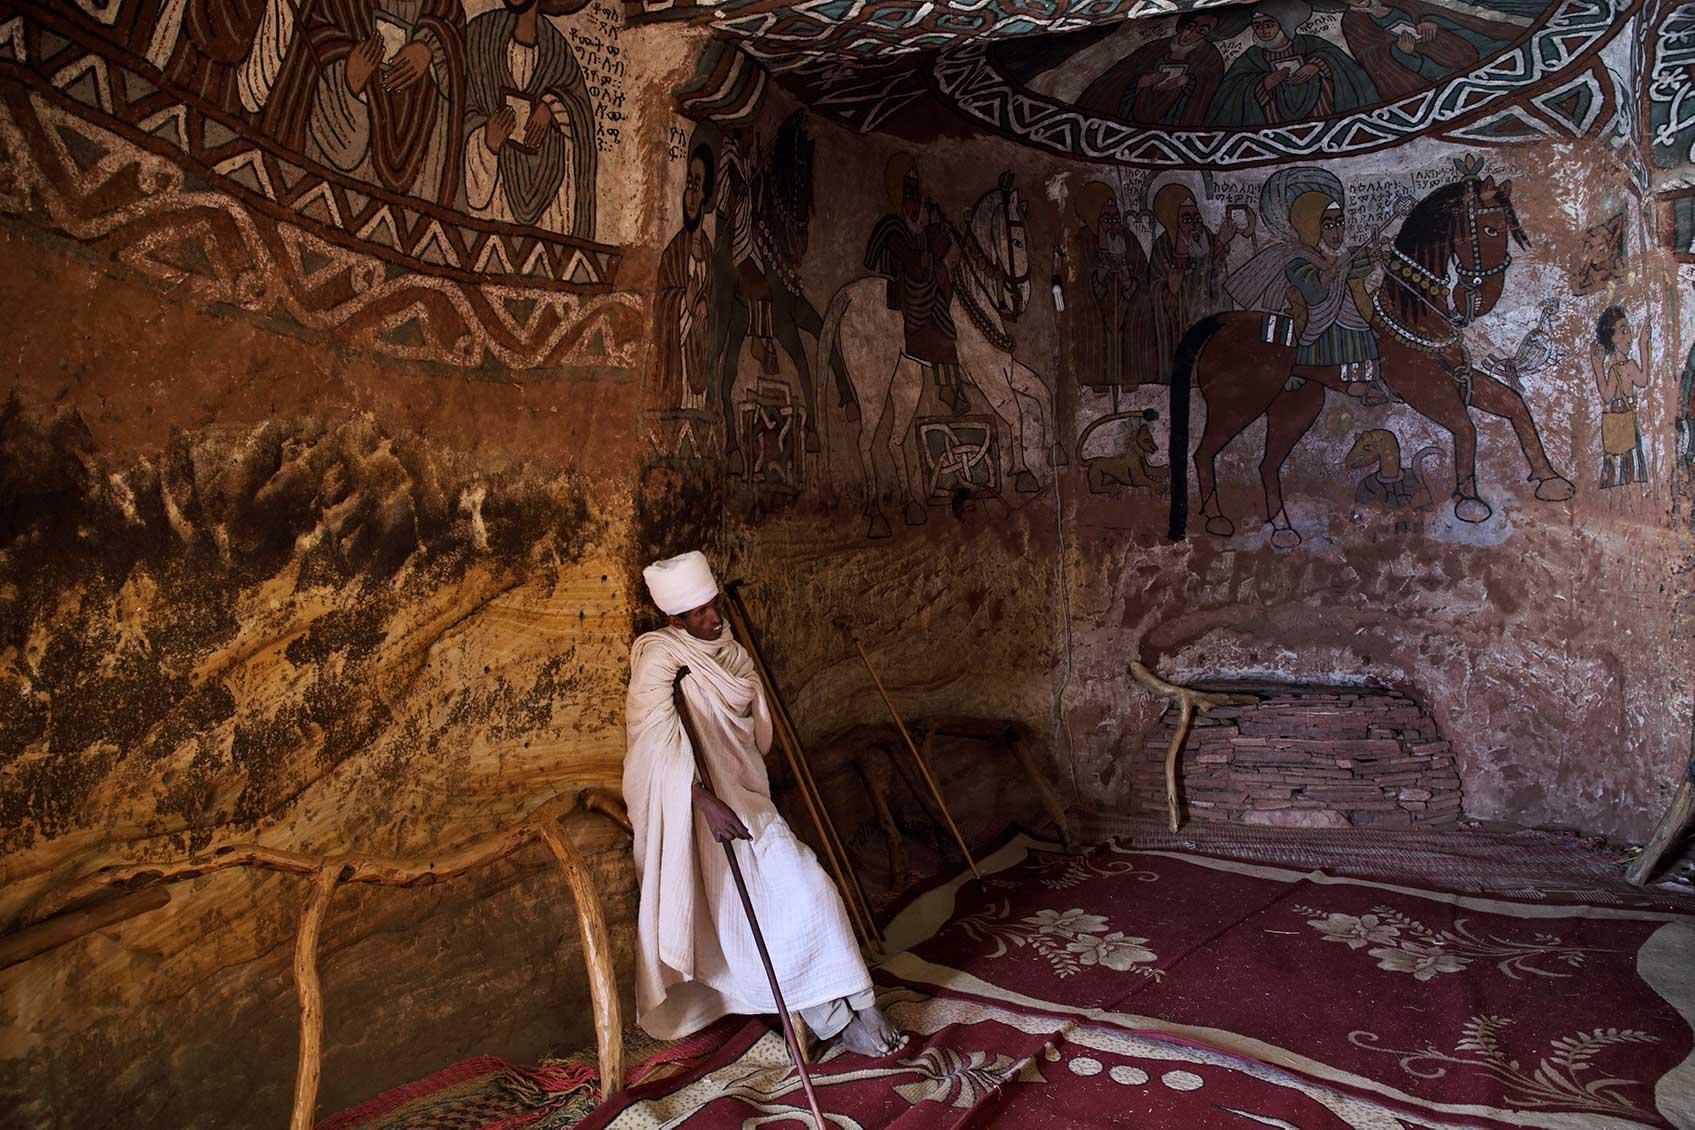 священник в церкви Абуна Ямата Гух